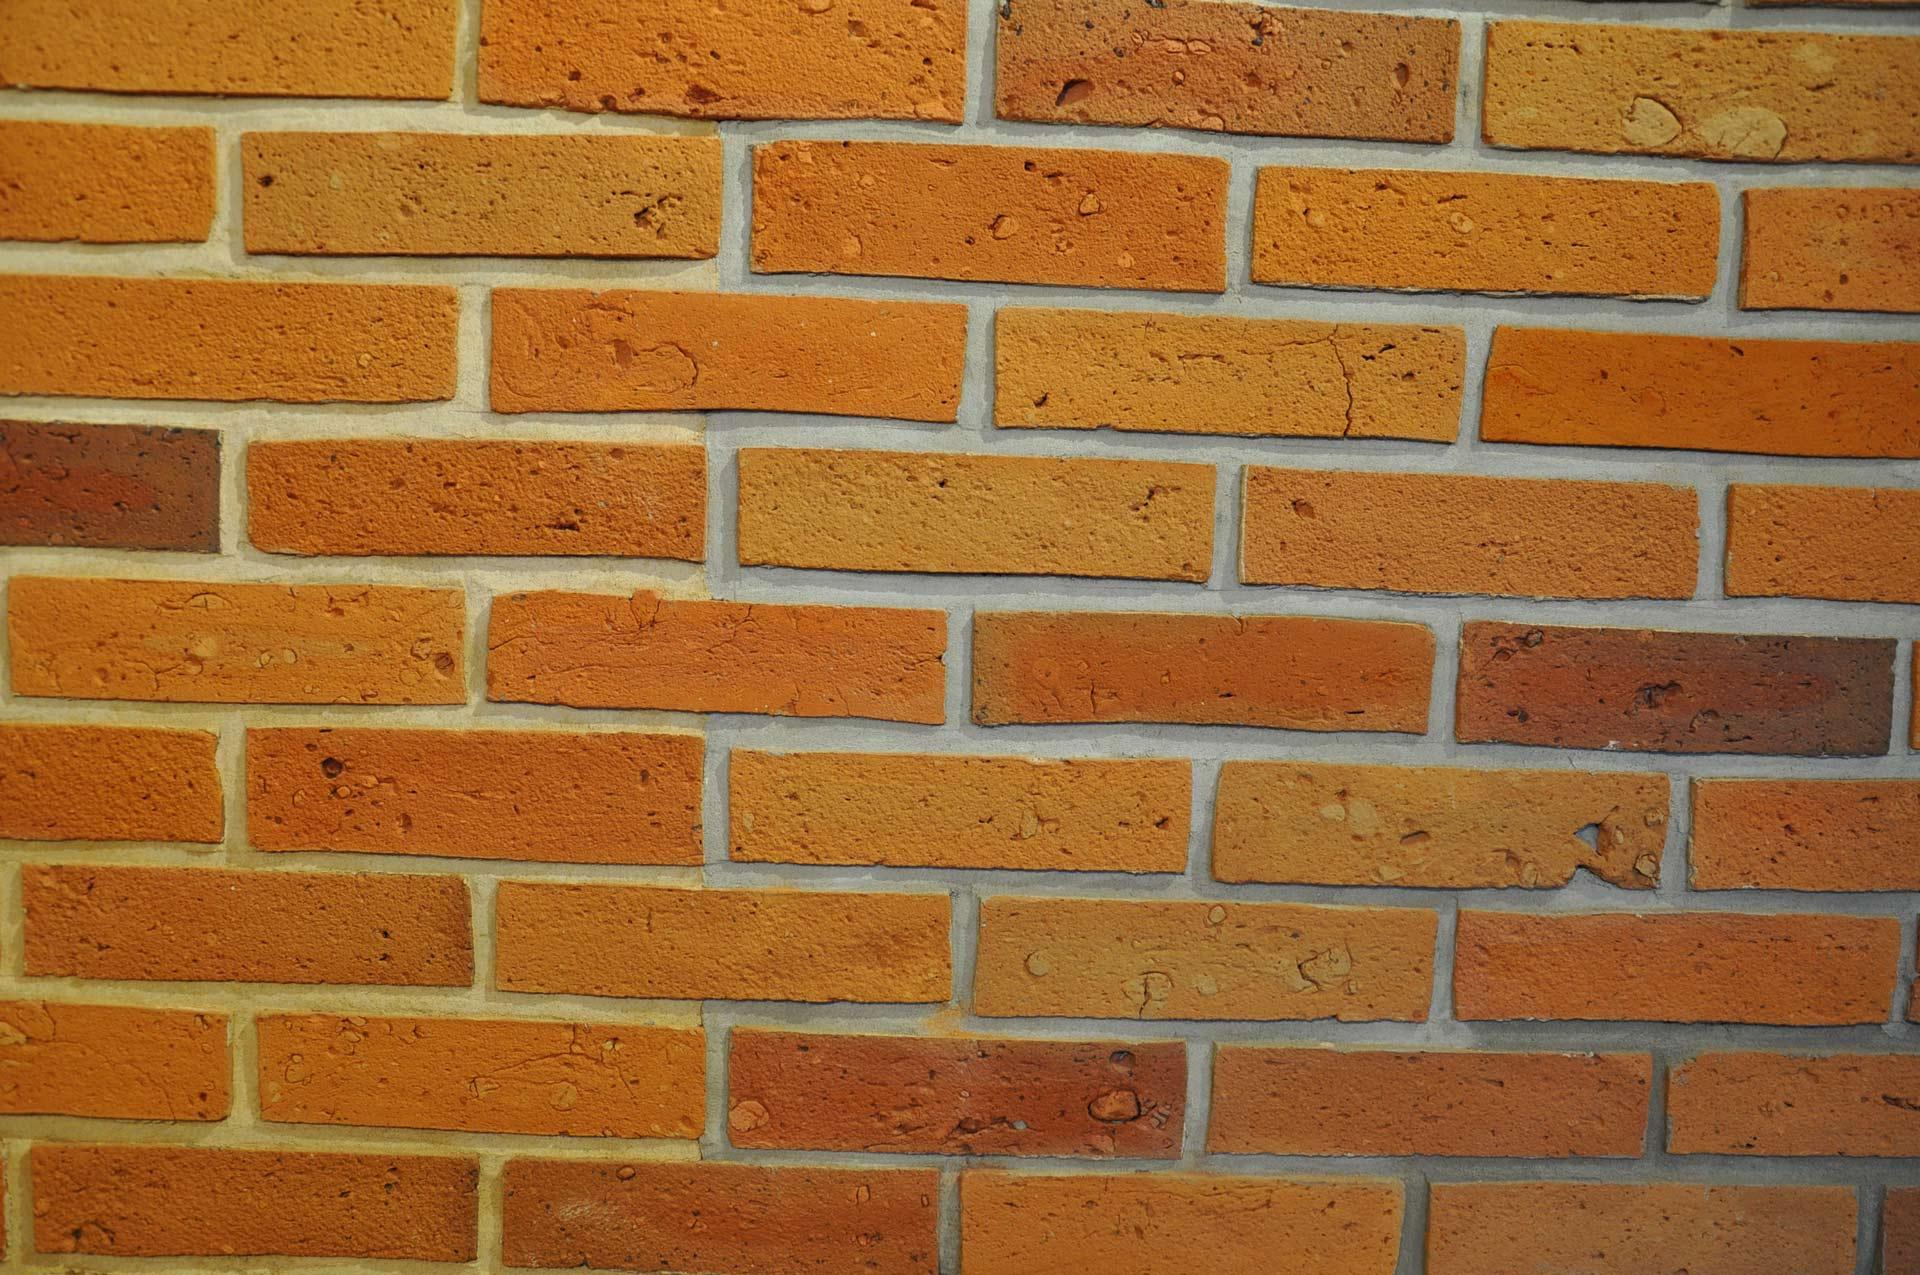 Piaskowana płytka ze środka cegły